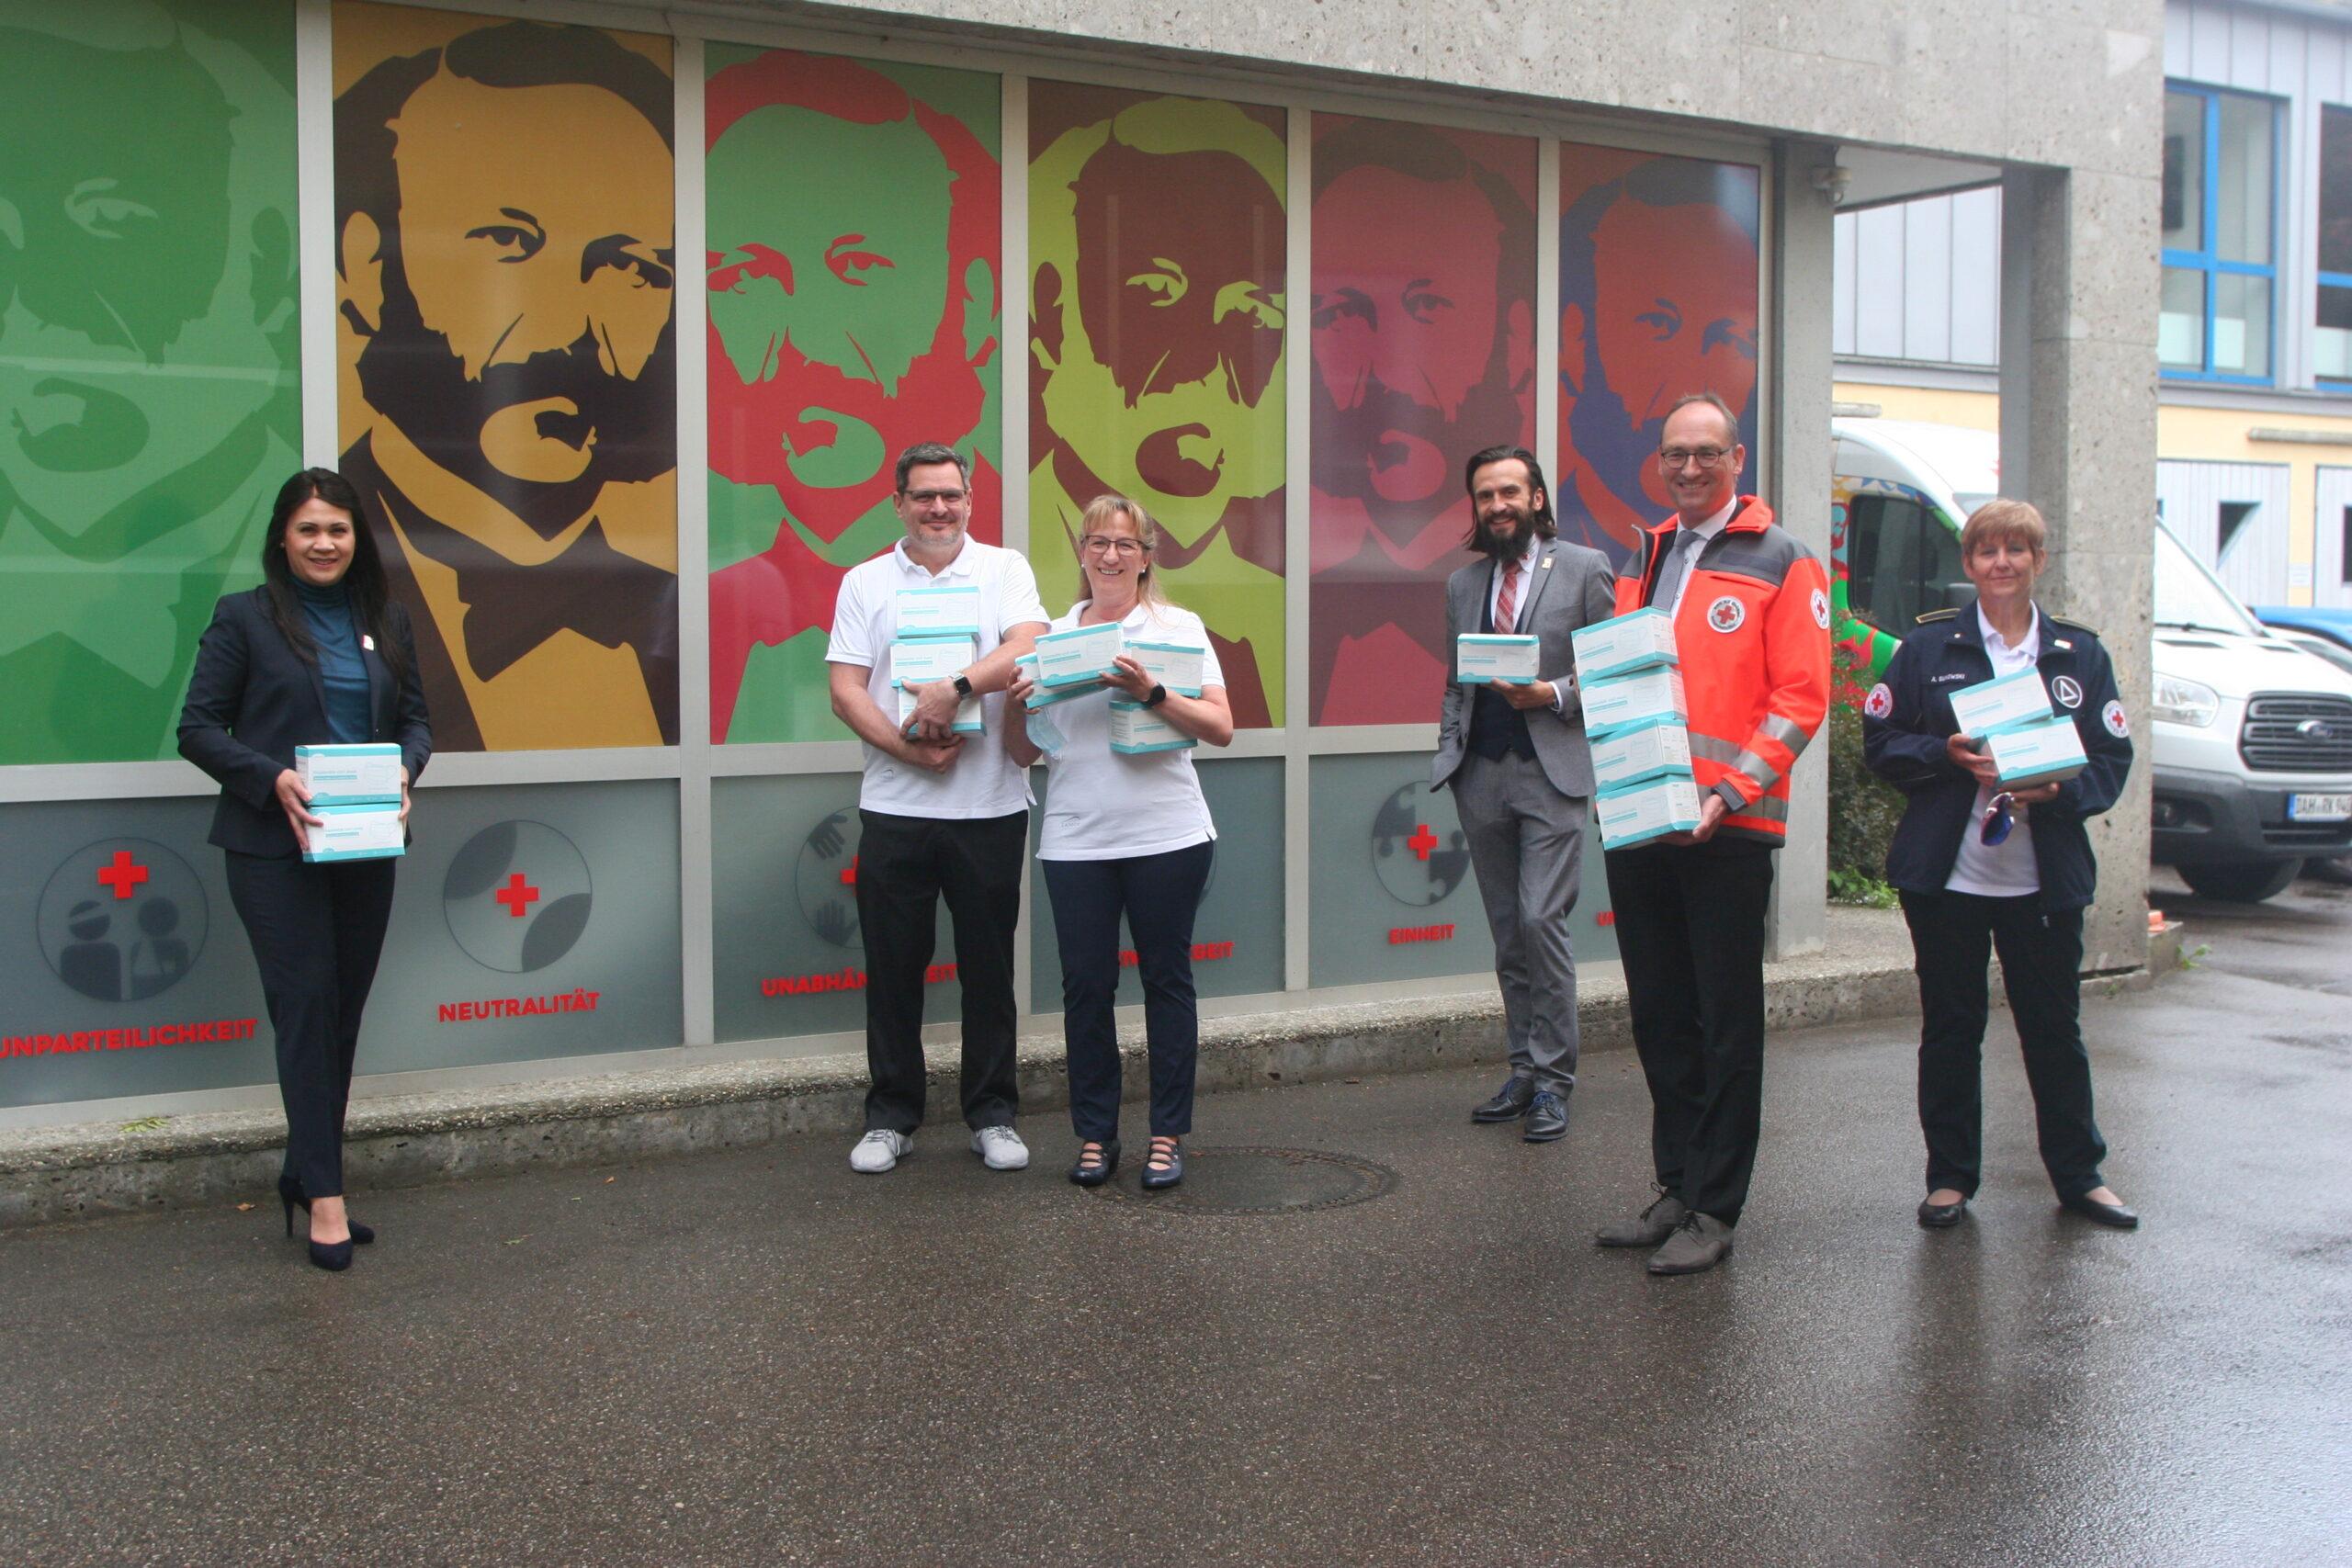 Diana Tielman, Ralf und Petra Schalk (Mitte), Paul Polyfka, Bernhard Seidenath und Angelika Gumowski mit den gespendeten Masken